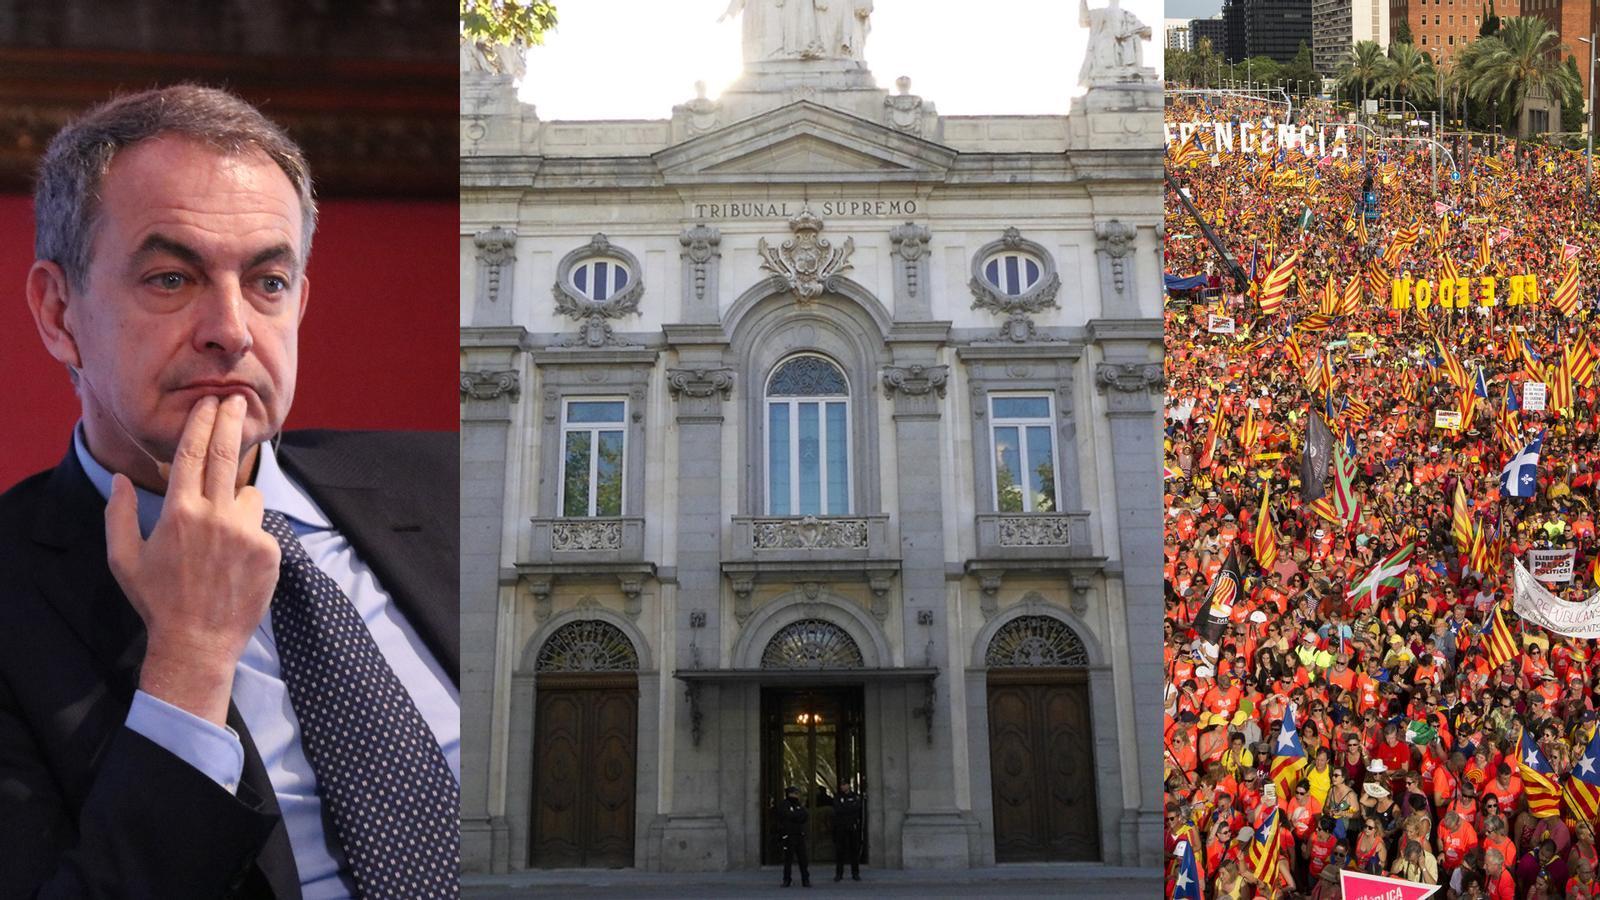 L'anàlisi d'Antoni Bassas: 'La sentència i la convivència'